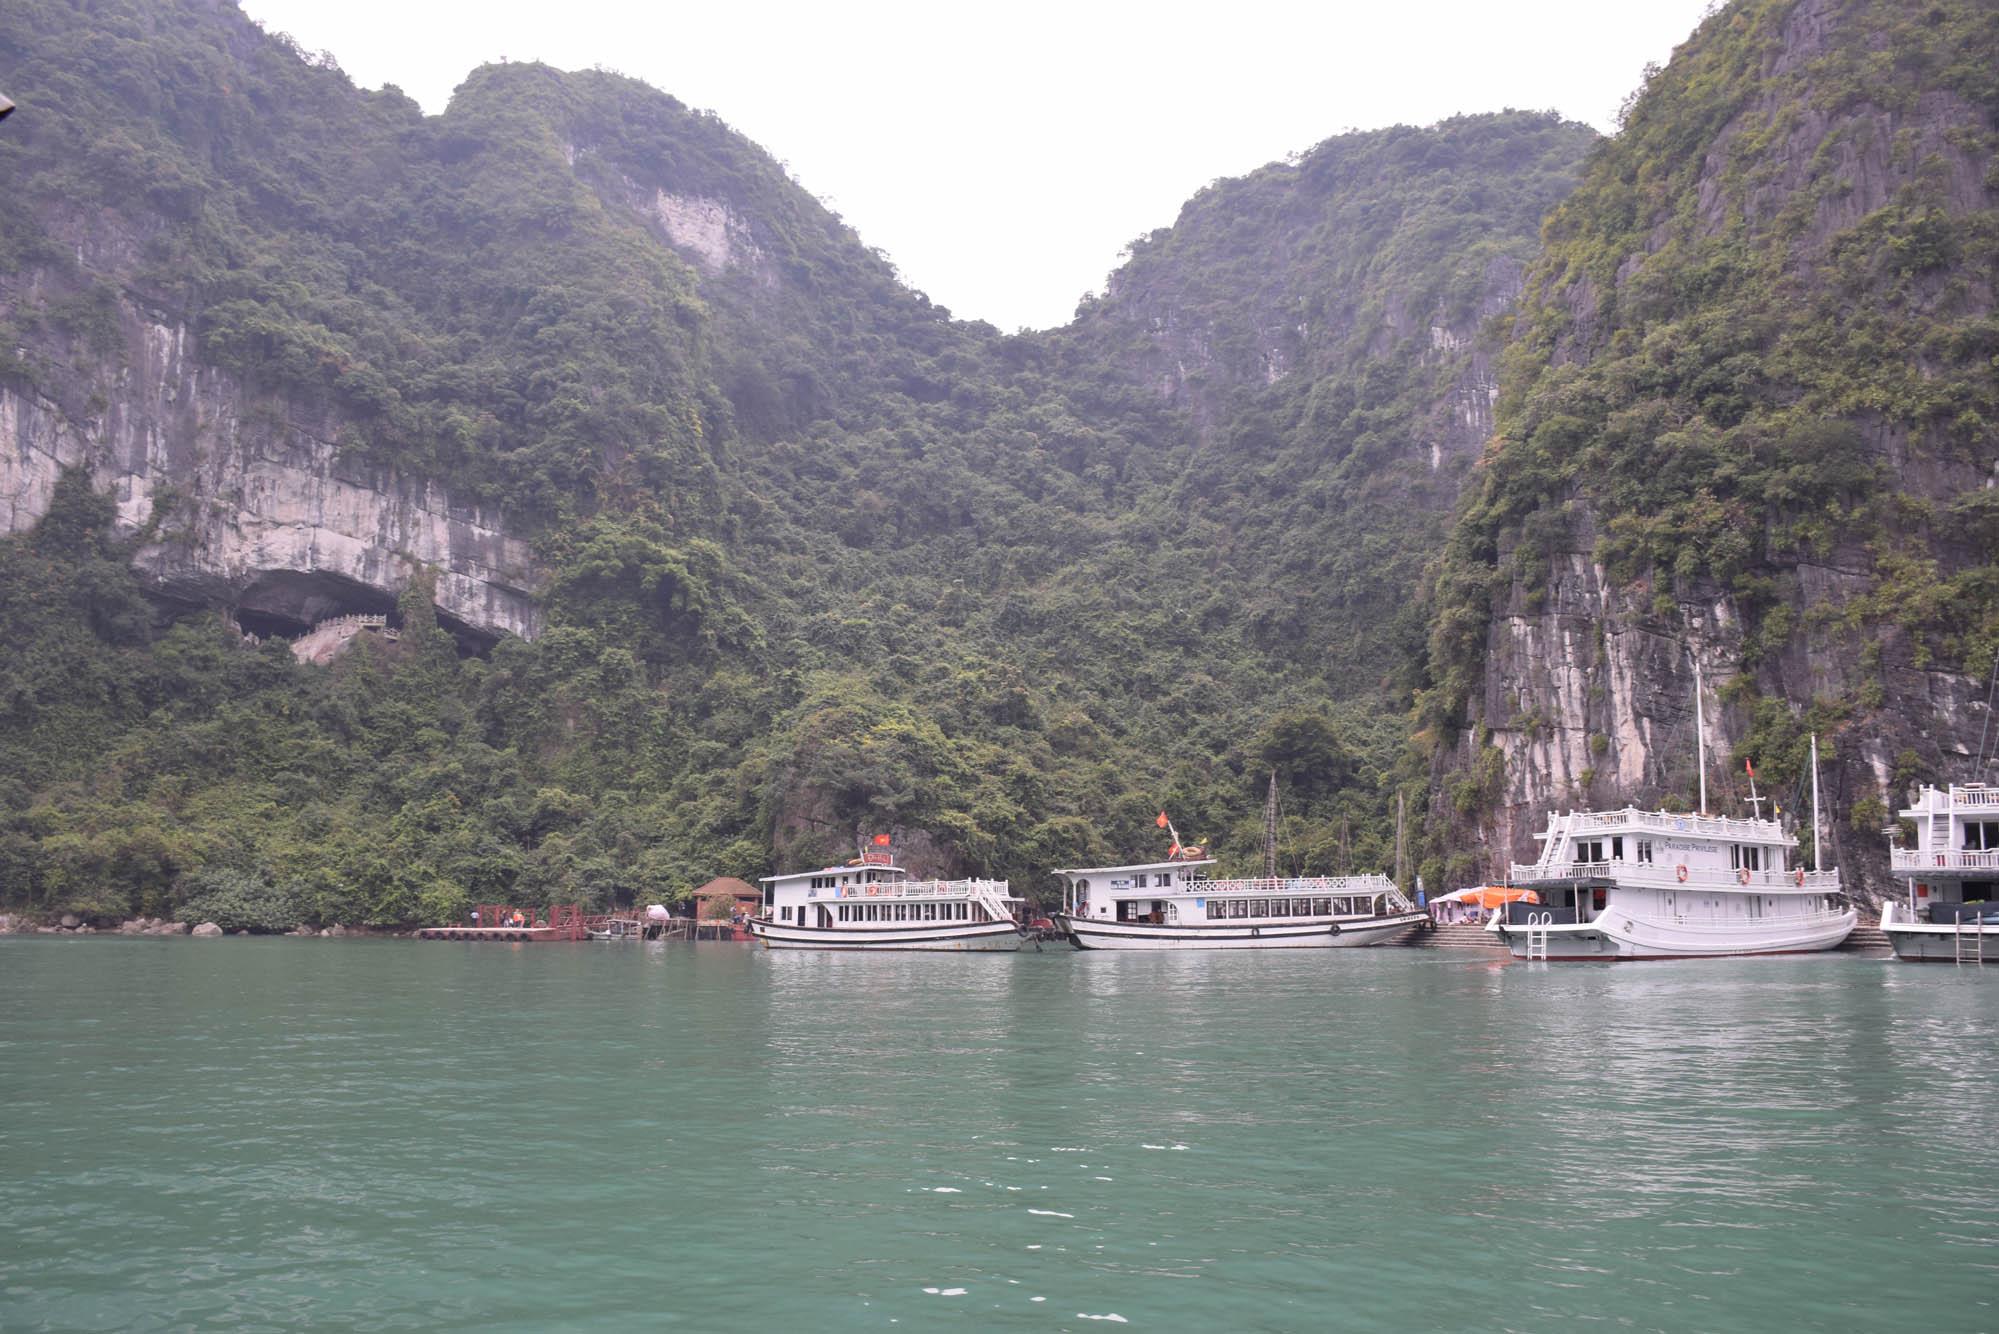 Aquele buraco ali a esquerda na montanha  é a Hang Sung Sot - ou Surprising Cave